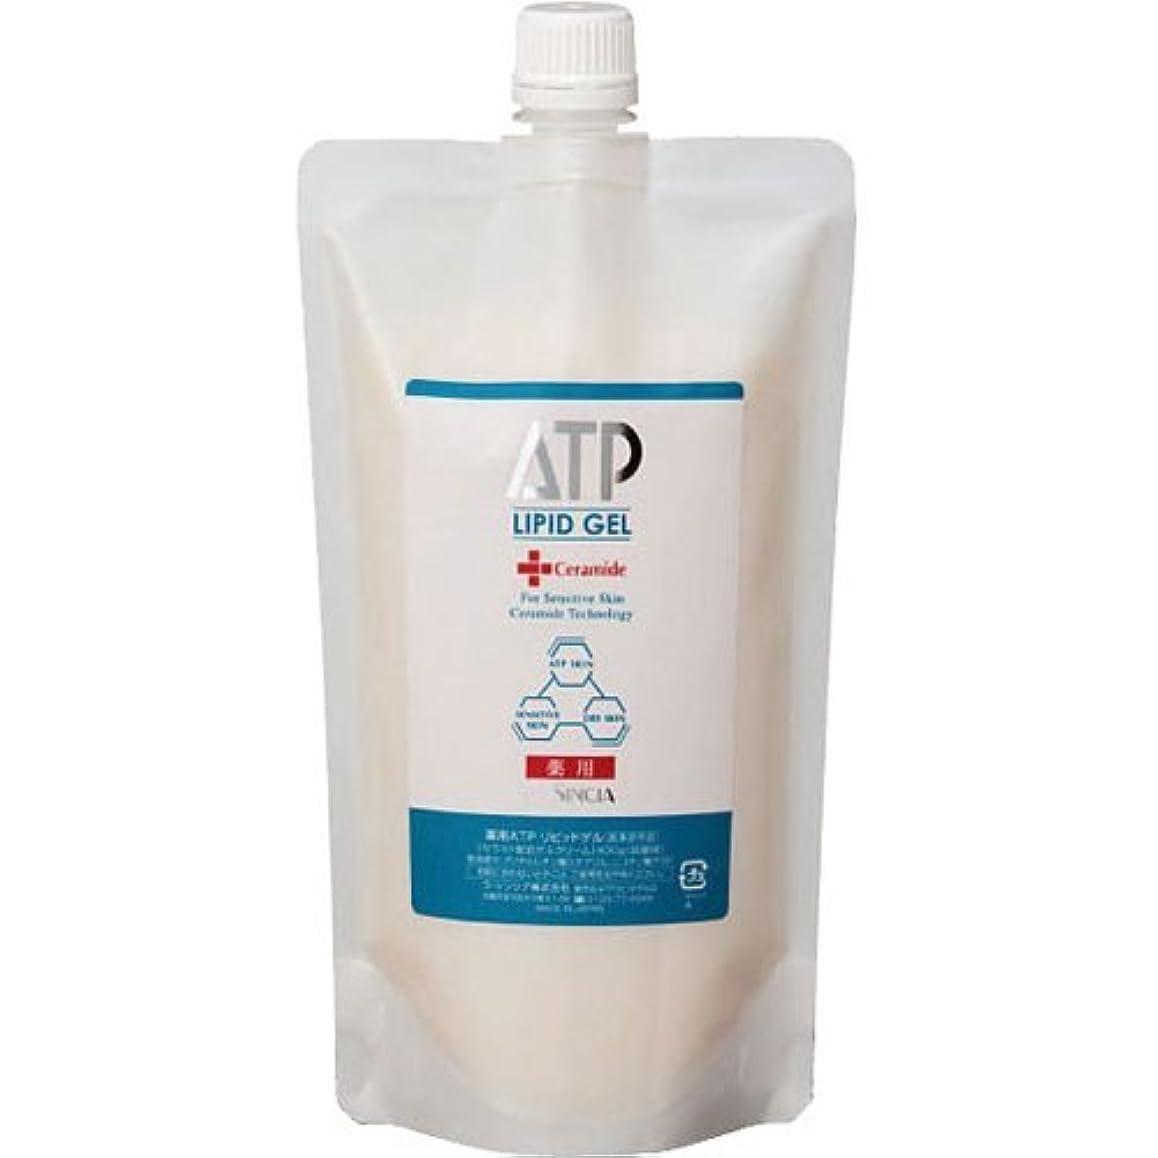 お尻ふつうグラムラシンシア 薬用ATPリピッドゲル 400g(詰替用) 【セラミド配合ゲルクリーム】